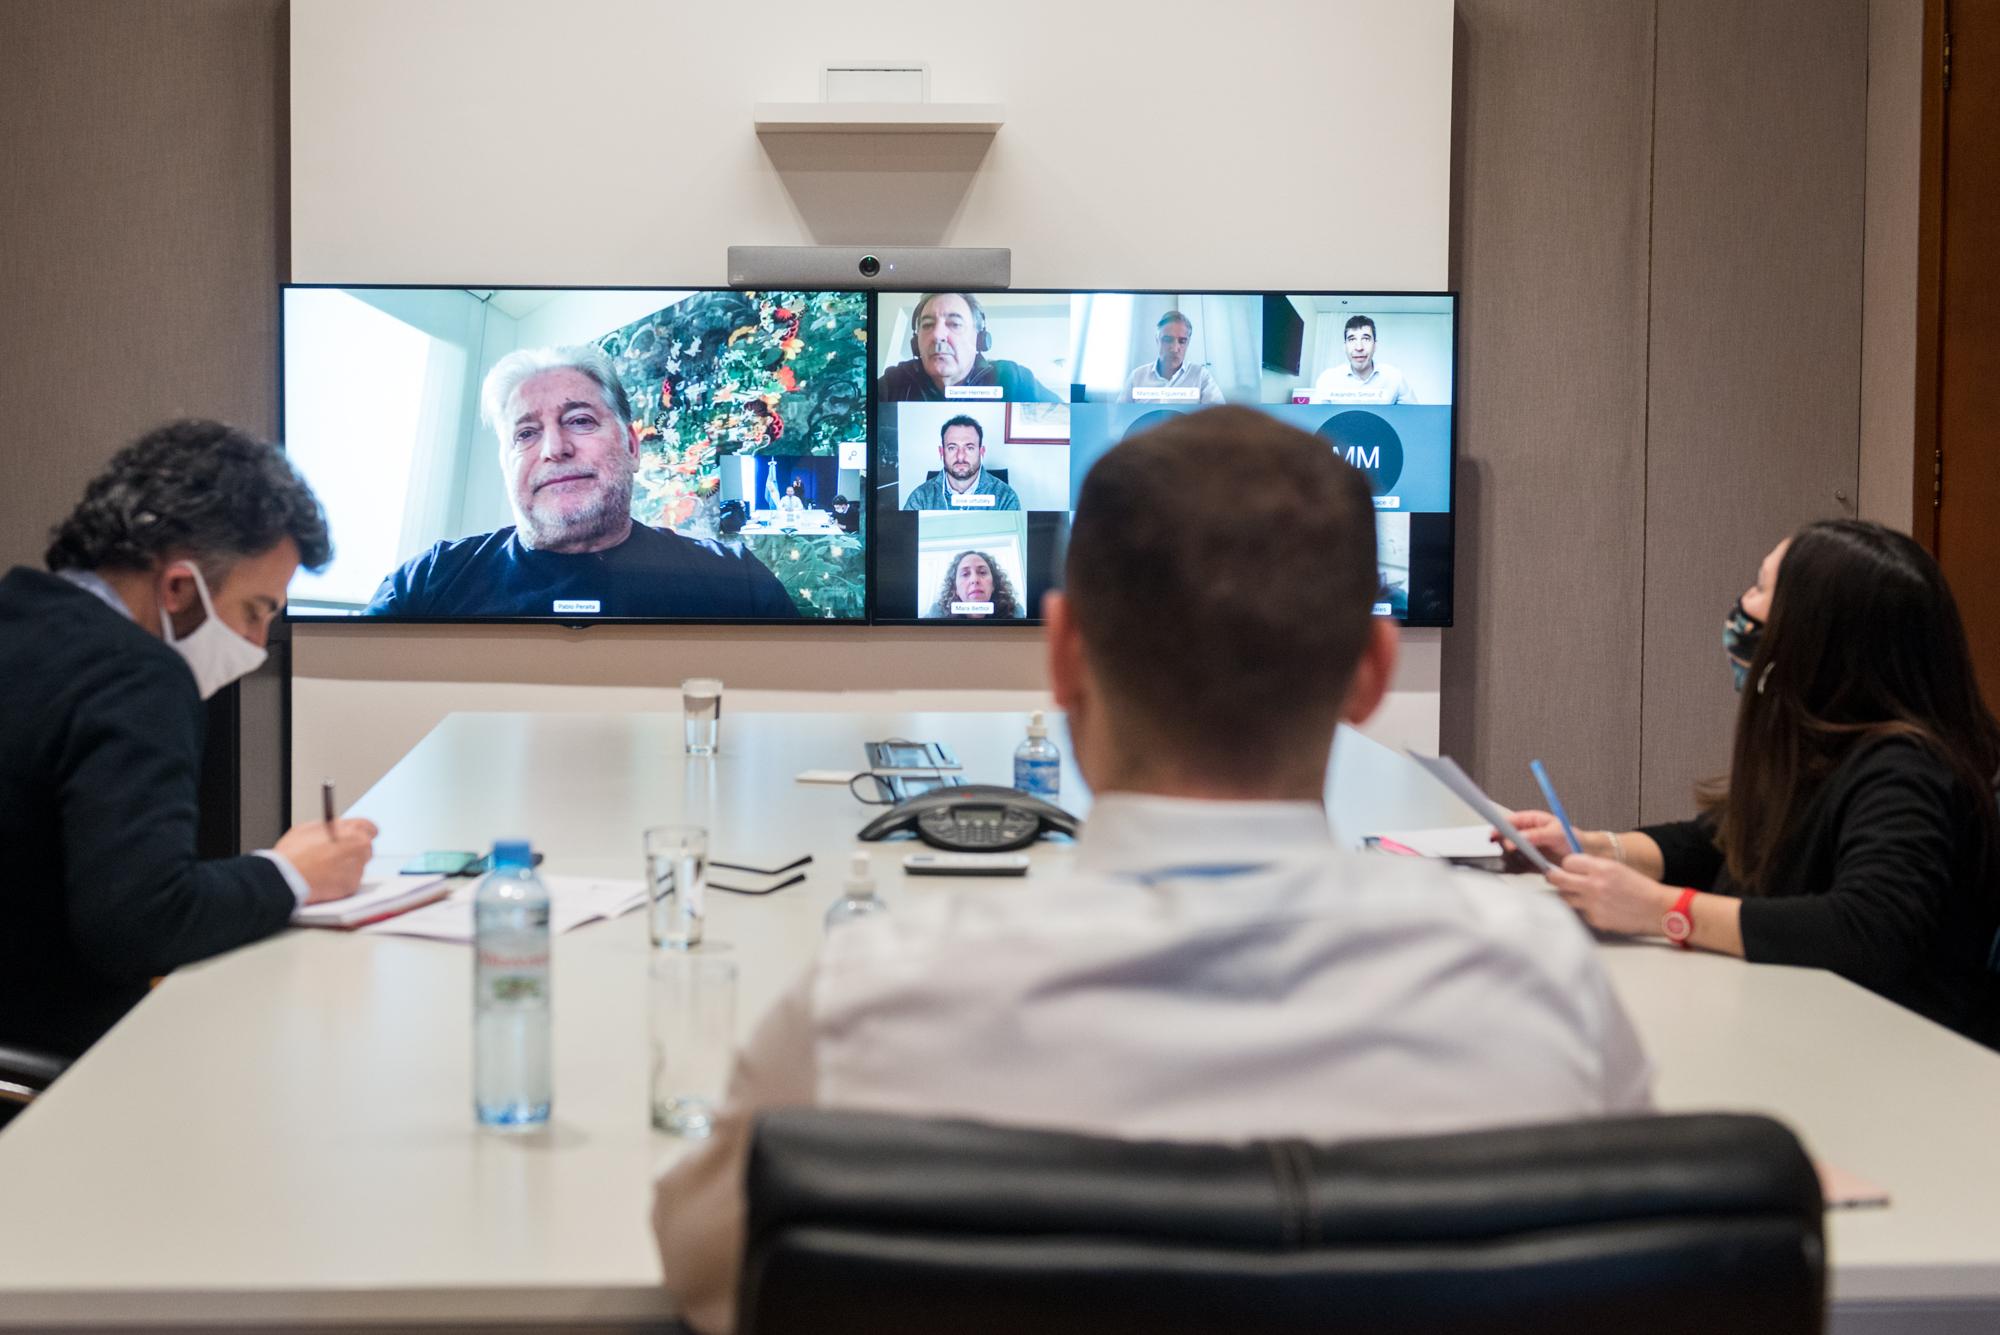 El ministro de Economía conversó con los empresarios por videoconferencia.